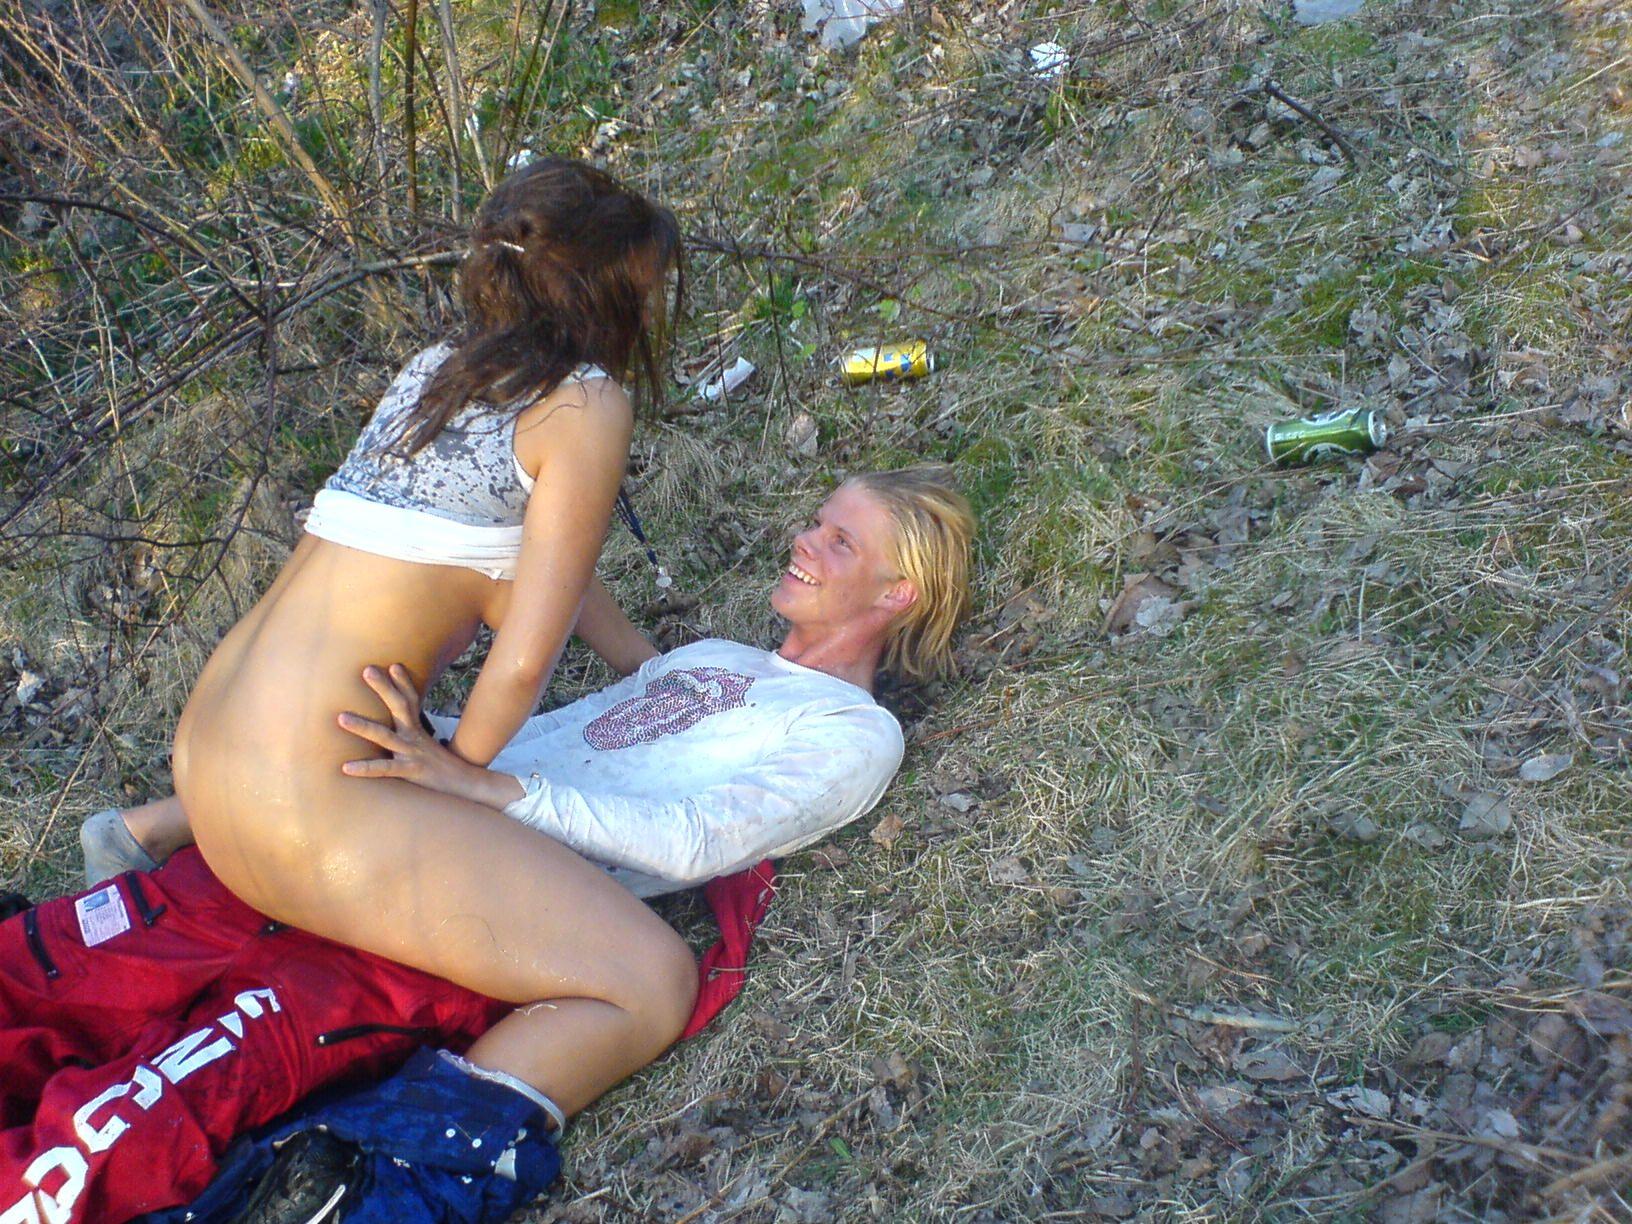 norsk russ naken eskorte i oslo